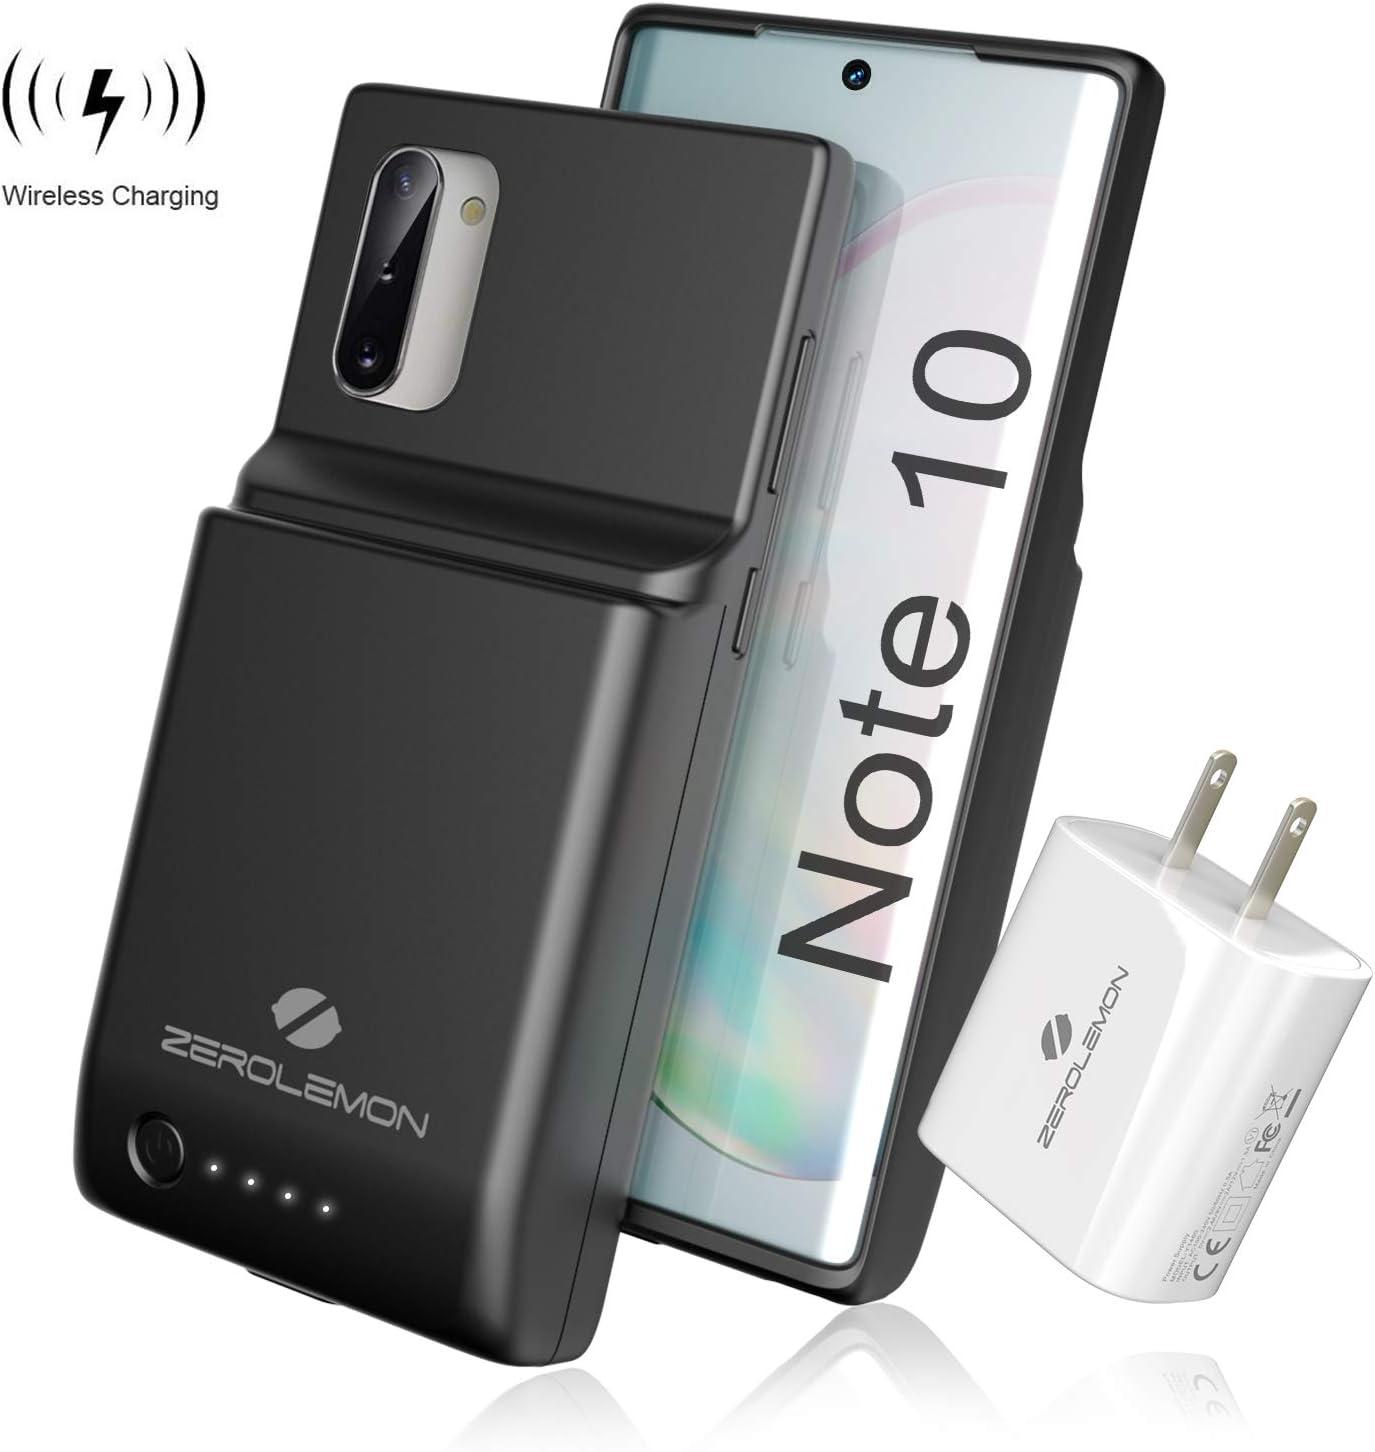 ZEROLEMON Galaxy Note 10 Funda de batería 8600 mAh, Android Auto y Samsung Dex & Qi carga inalámbrica y carga rápida soportada, cargador de batería extendido UltraPower para Galaxy Note 10 negro: